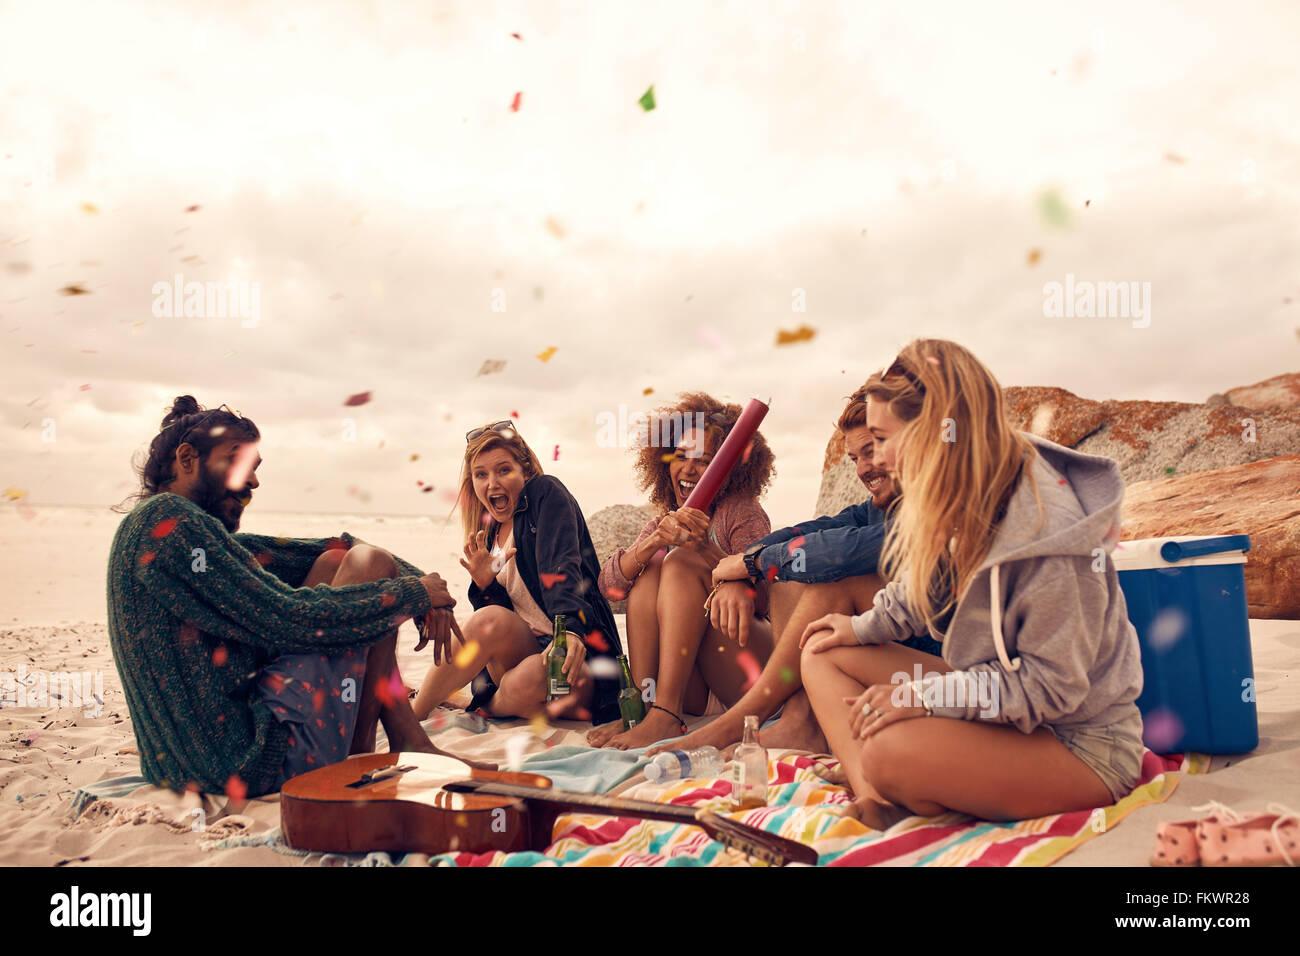 Heureux les amis à faire la fête sur la plage avec des boissons et des confettis. Heureux les jeunes de Photo Stock